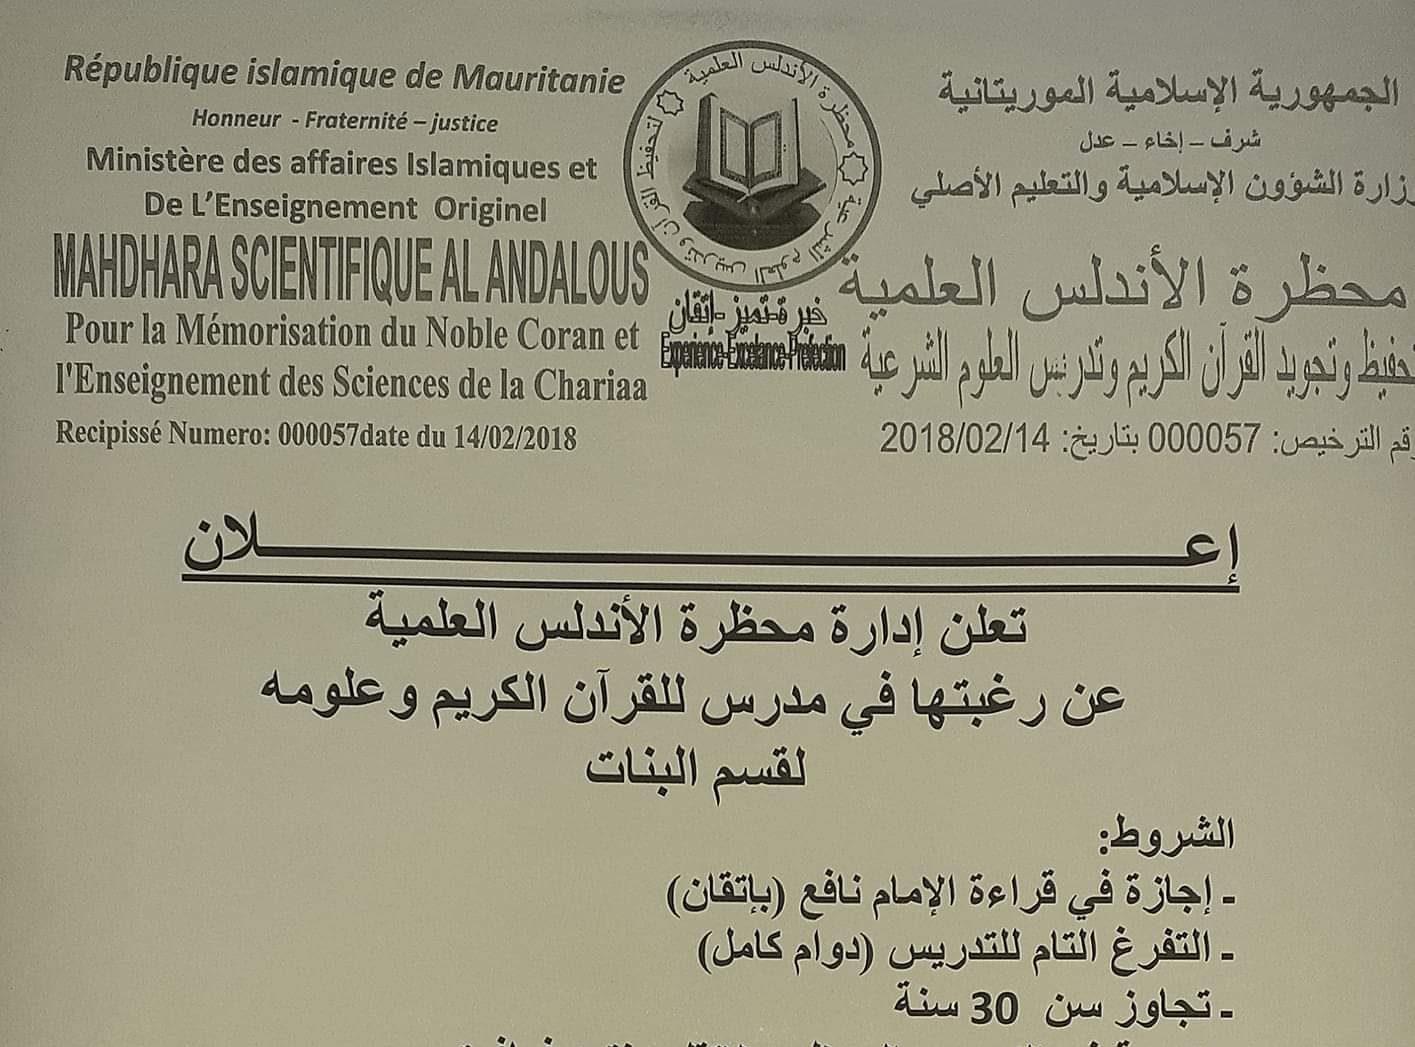 فرصتك للمشاركة في اكتتاب خاص بأهل القرآن